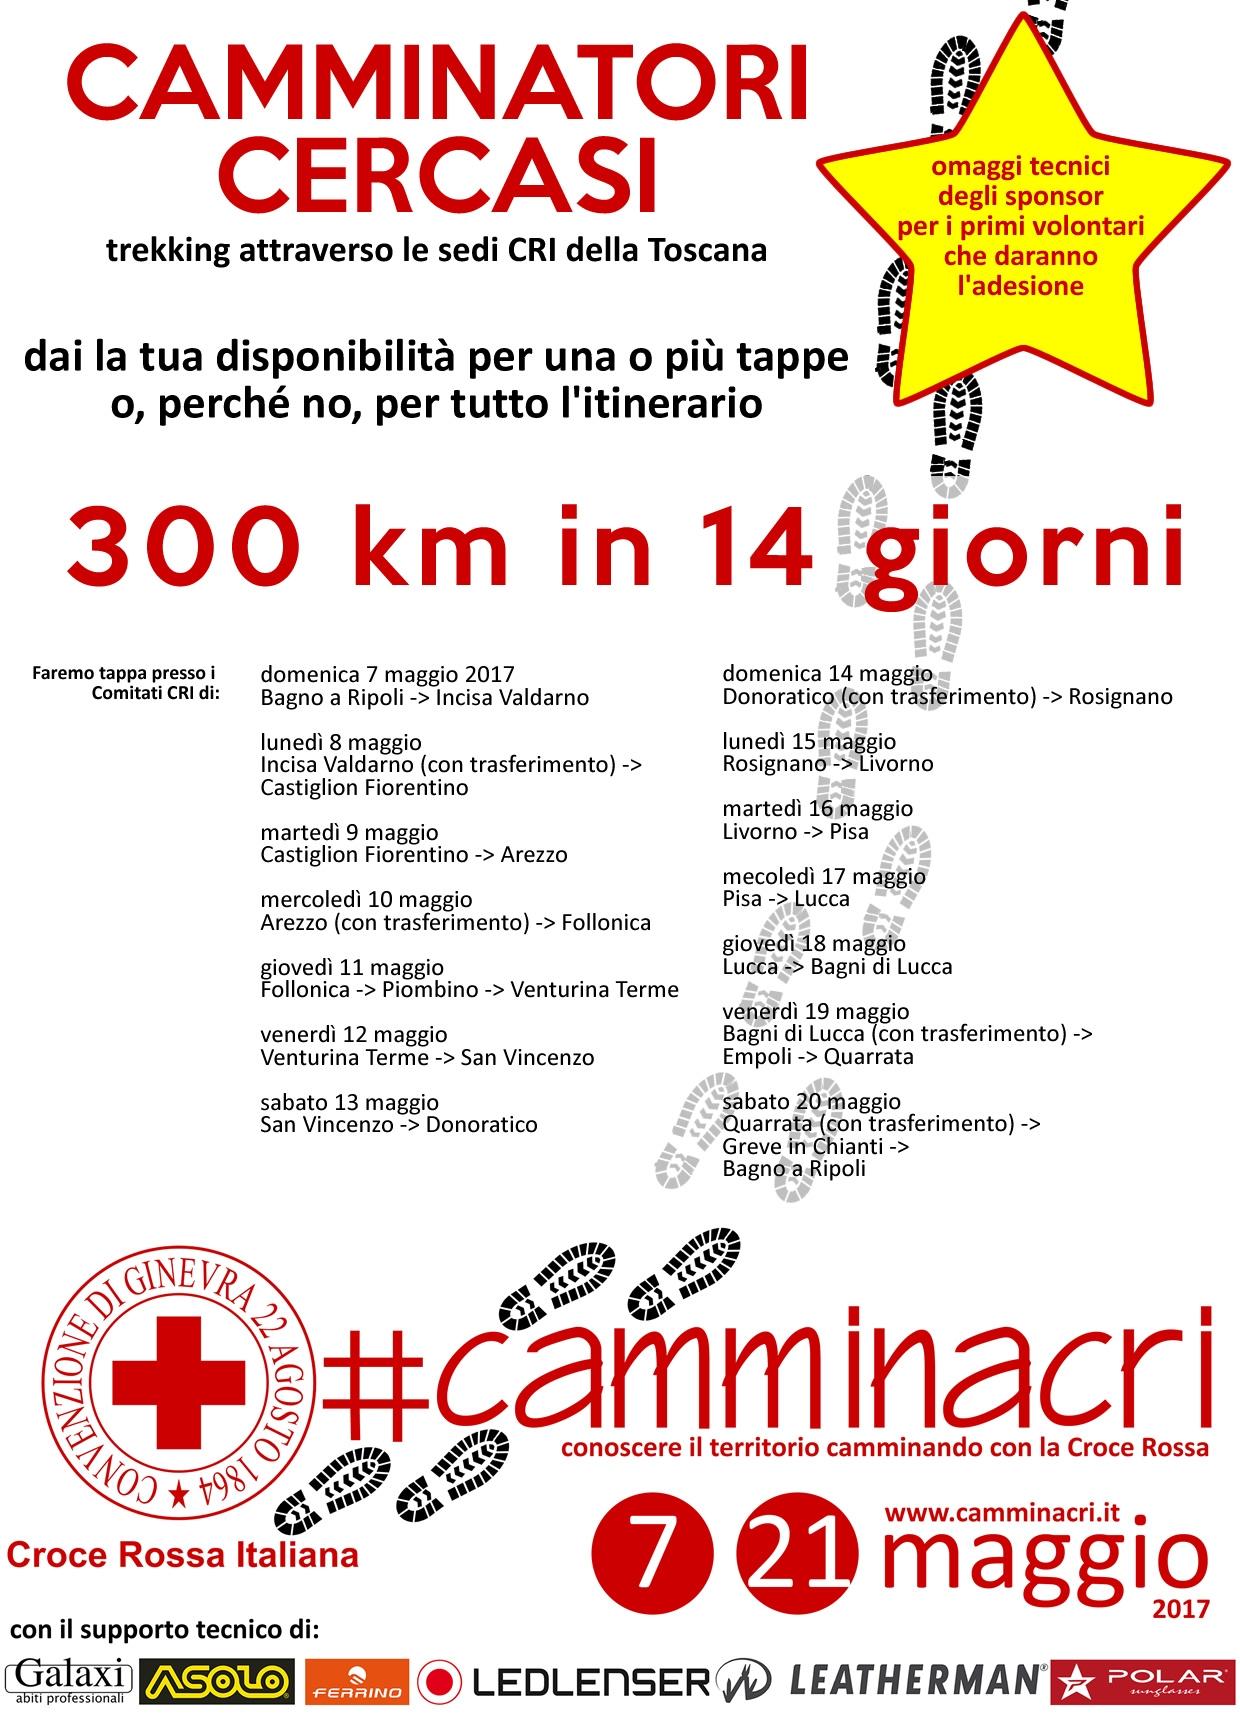 CAMMINACRI ad Arezzo